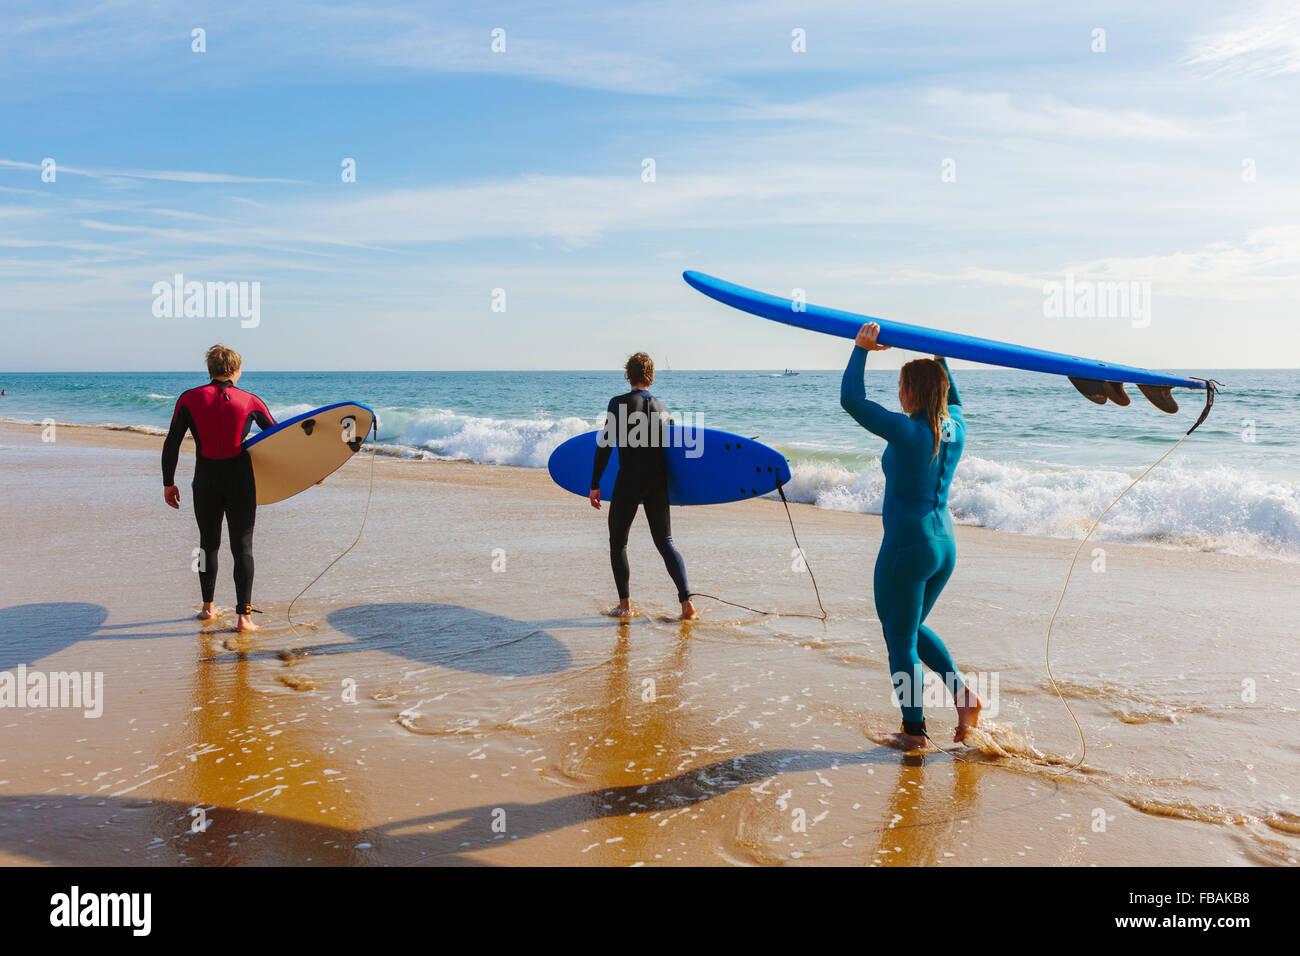 Portugal, Lisboa, tres personas llevar tablas de surf en la playa Imagen De Stock